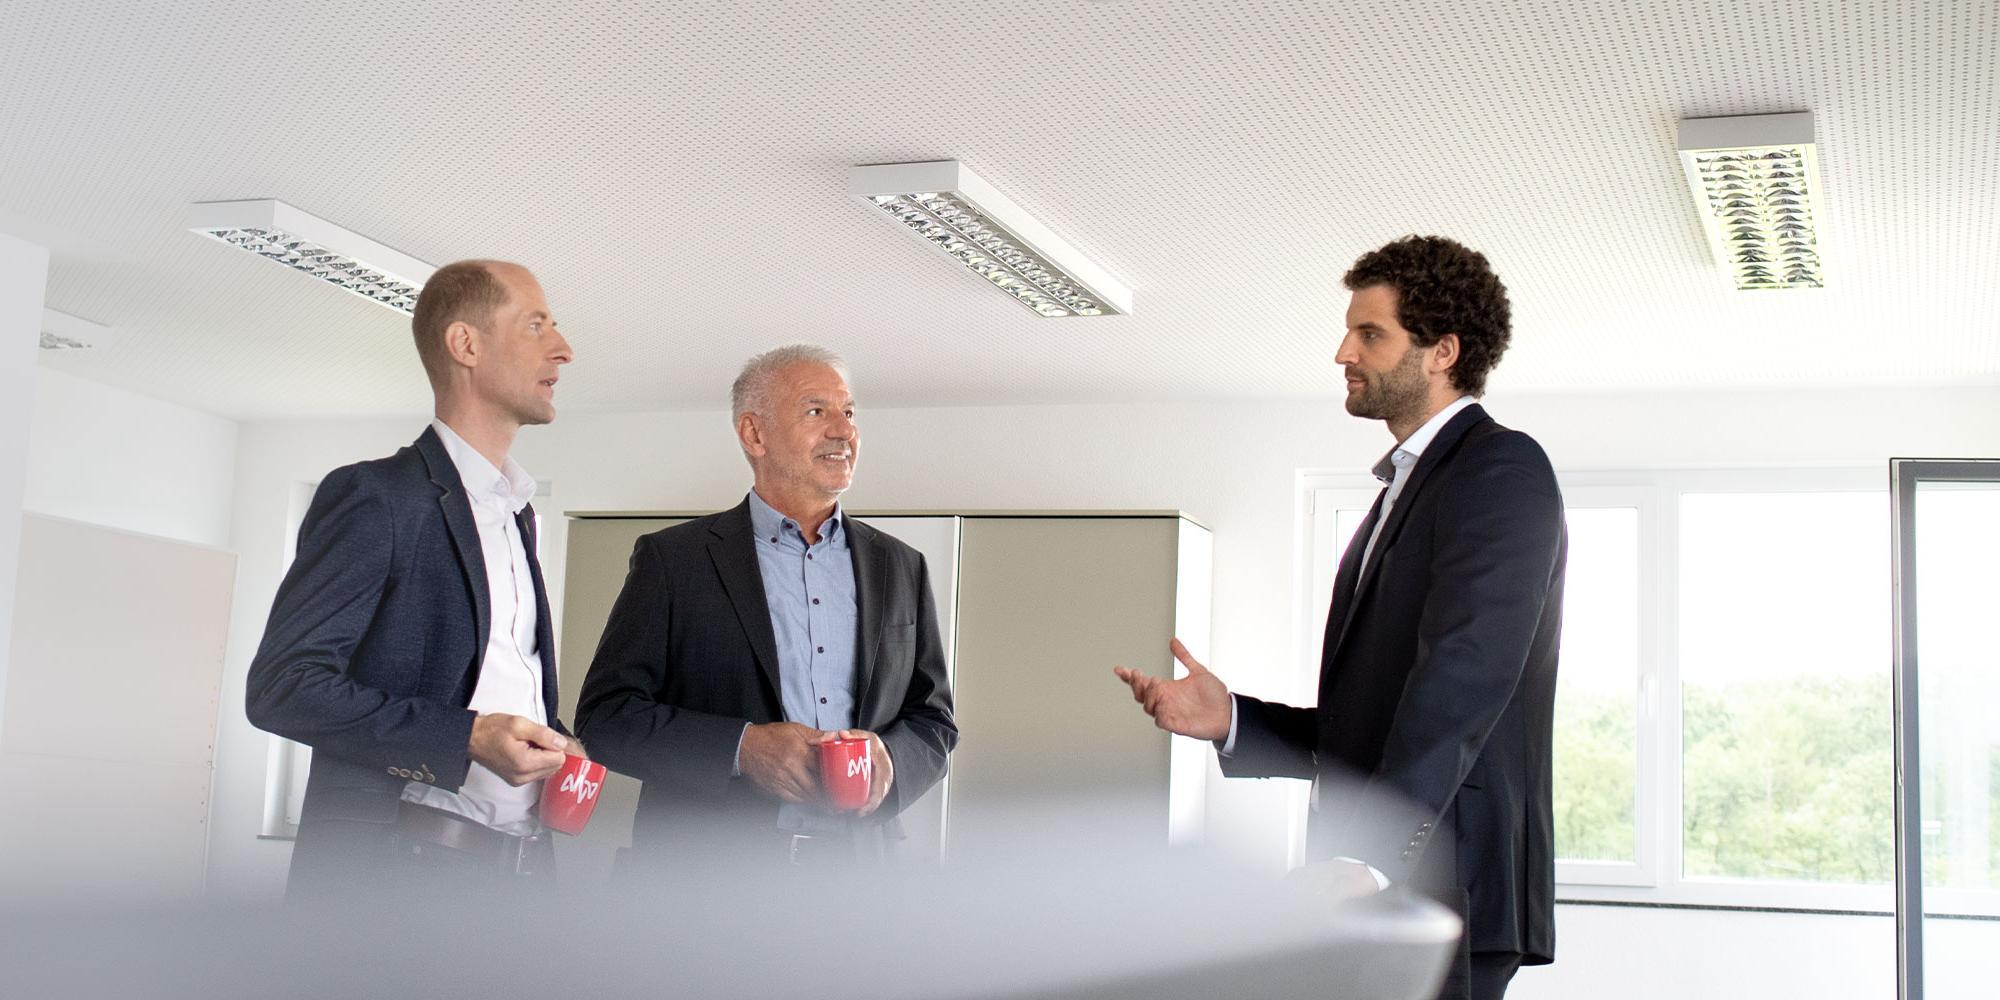 Drei Männer stehen im Besprechungsraum und unterhalten sich